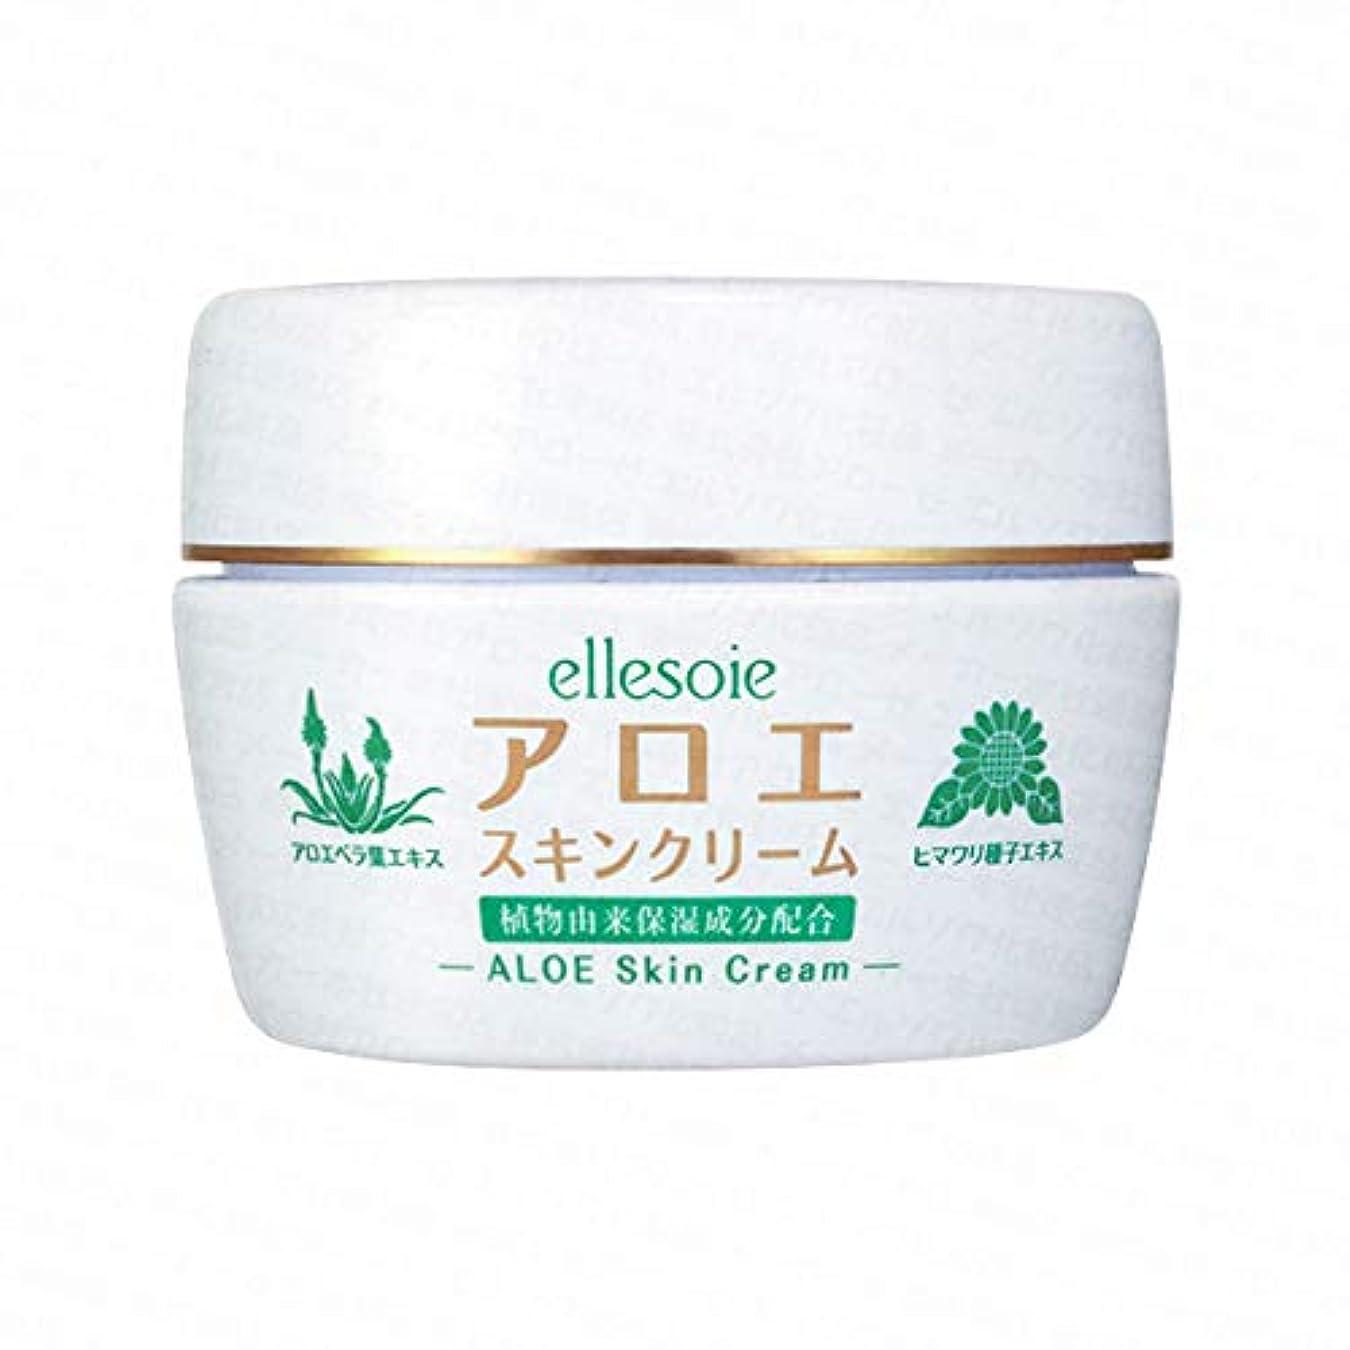 標準コンサルタント症状エルソワ化粧品(ellesoie) アロエスキンクリーム 本体210g ボディ用保湿クリーム